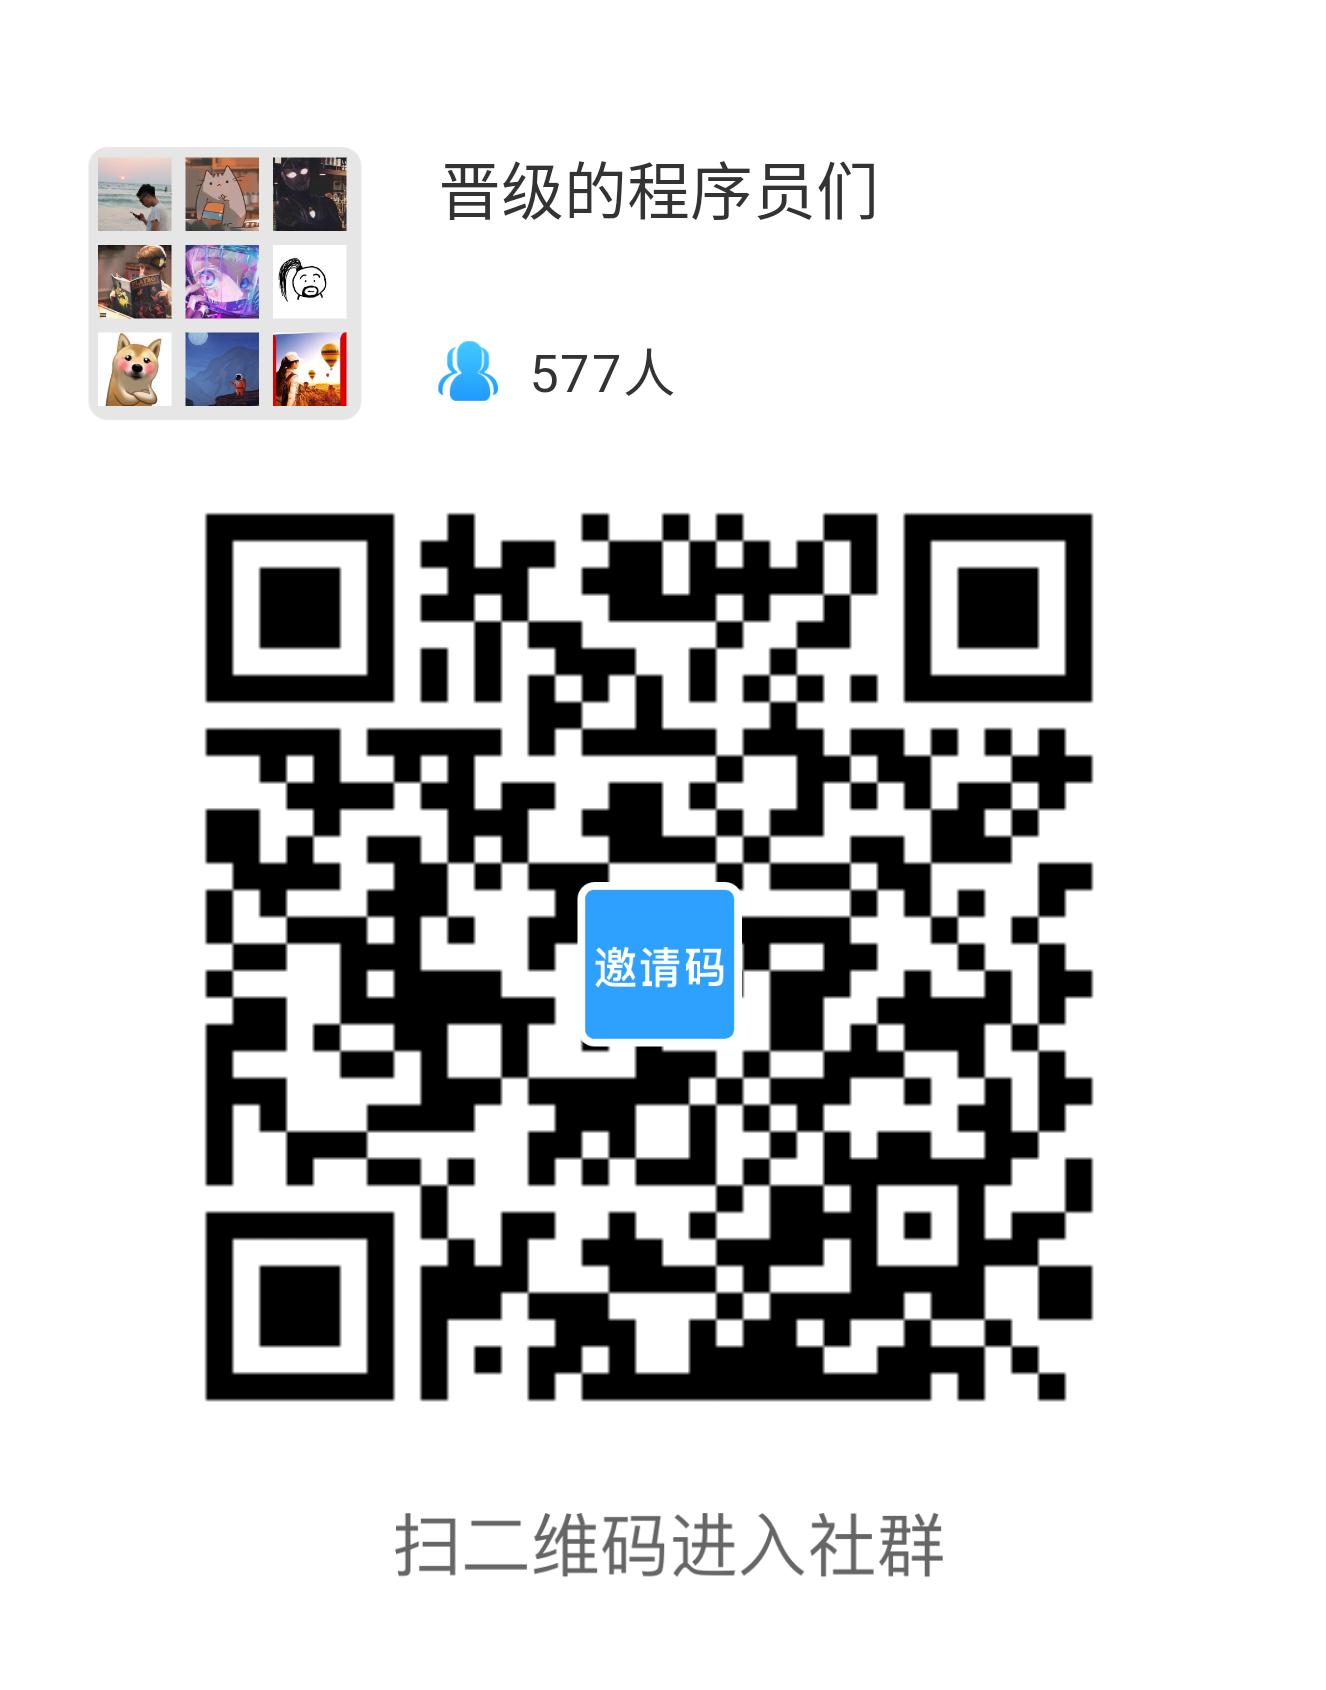 image-20210816110004115